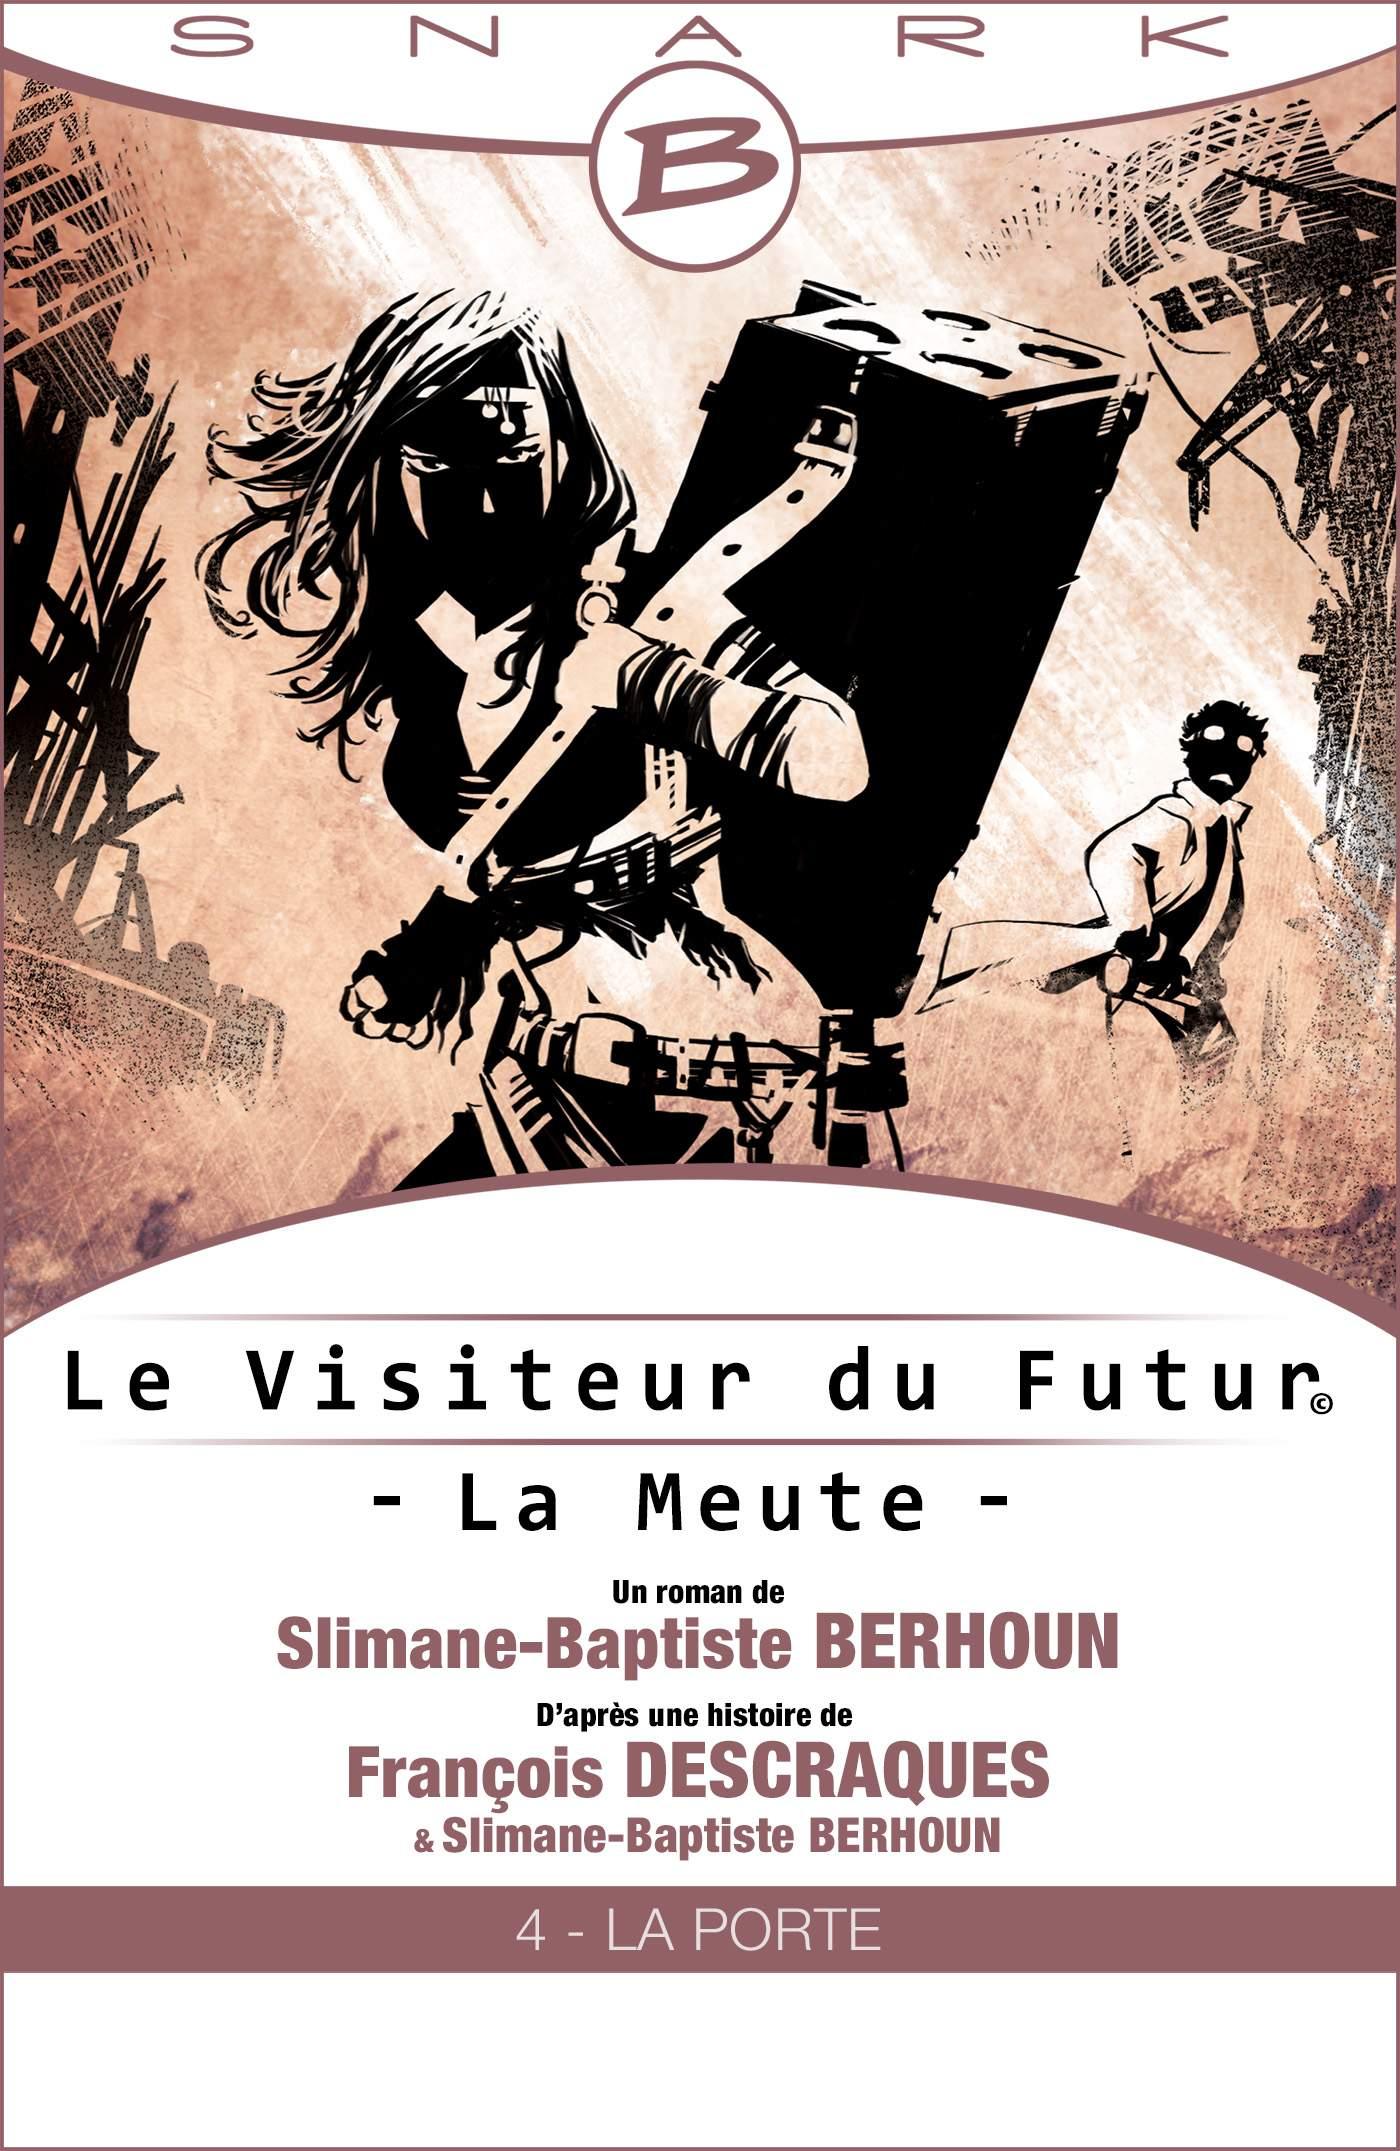 [2014.11.04] COMING SOON … L'ULTIME ÉPISODE DE LA MEUTE La_Meute_Episode04